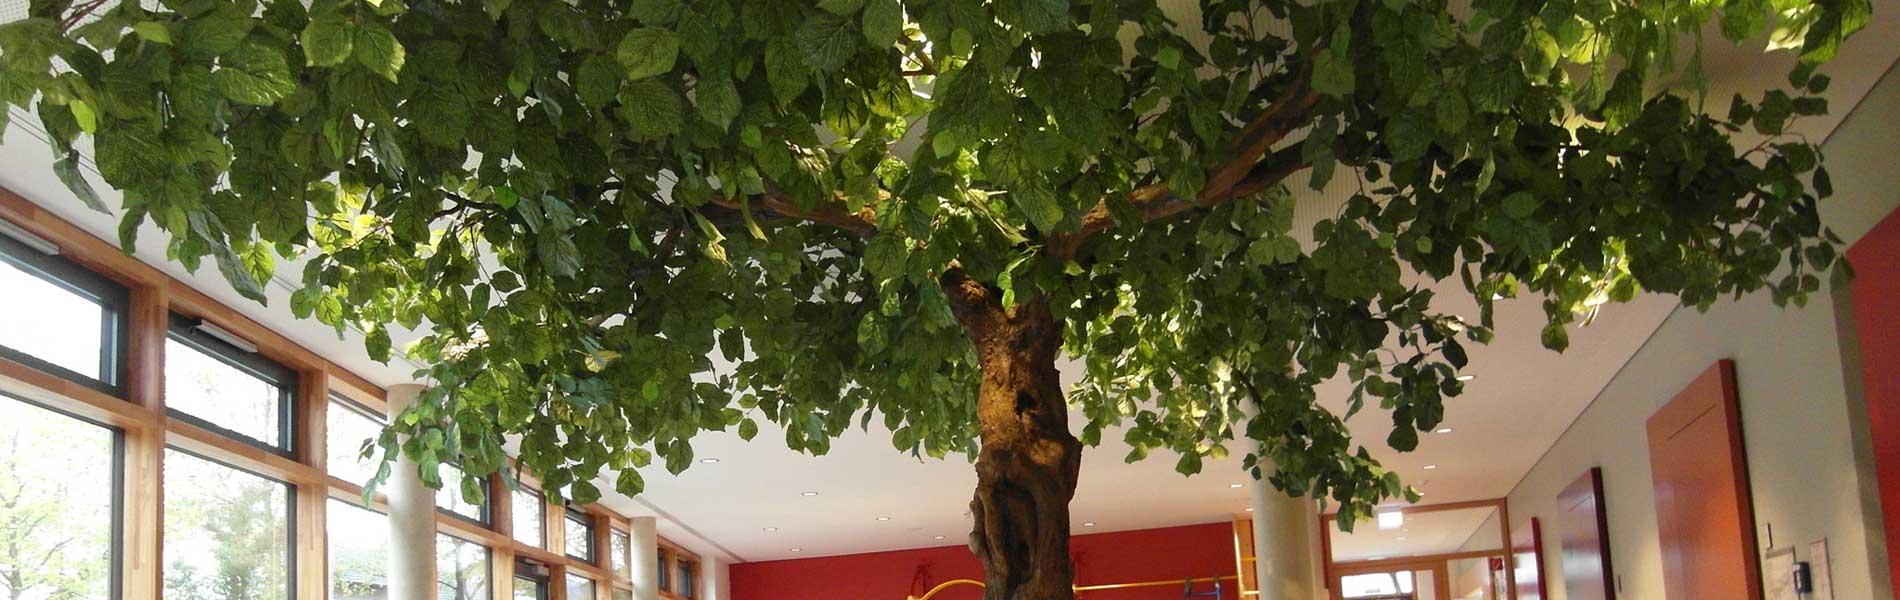 Kunstbaum, grün belaubt mit knorrigem Stamm